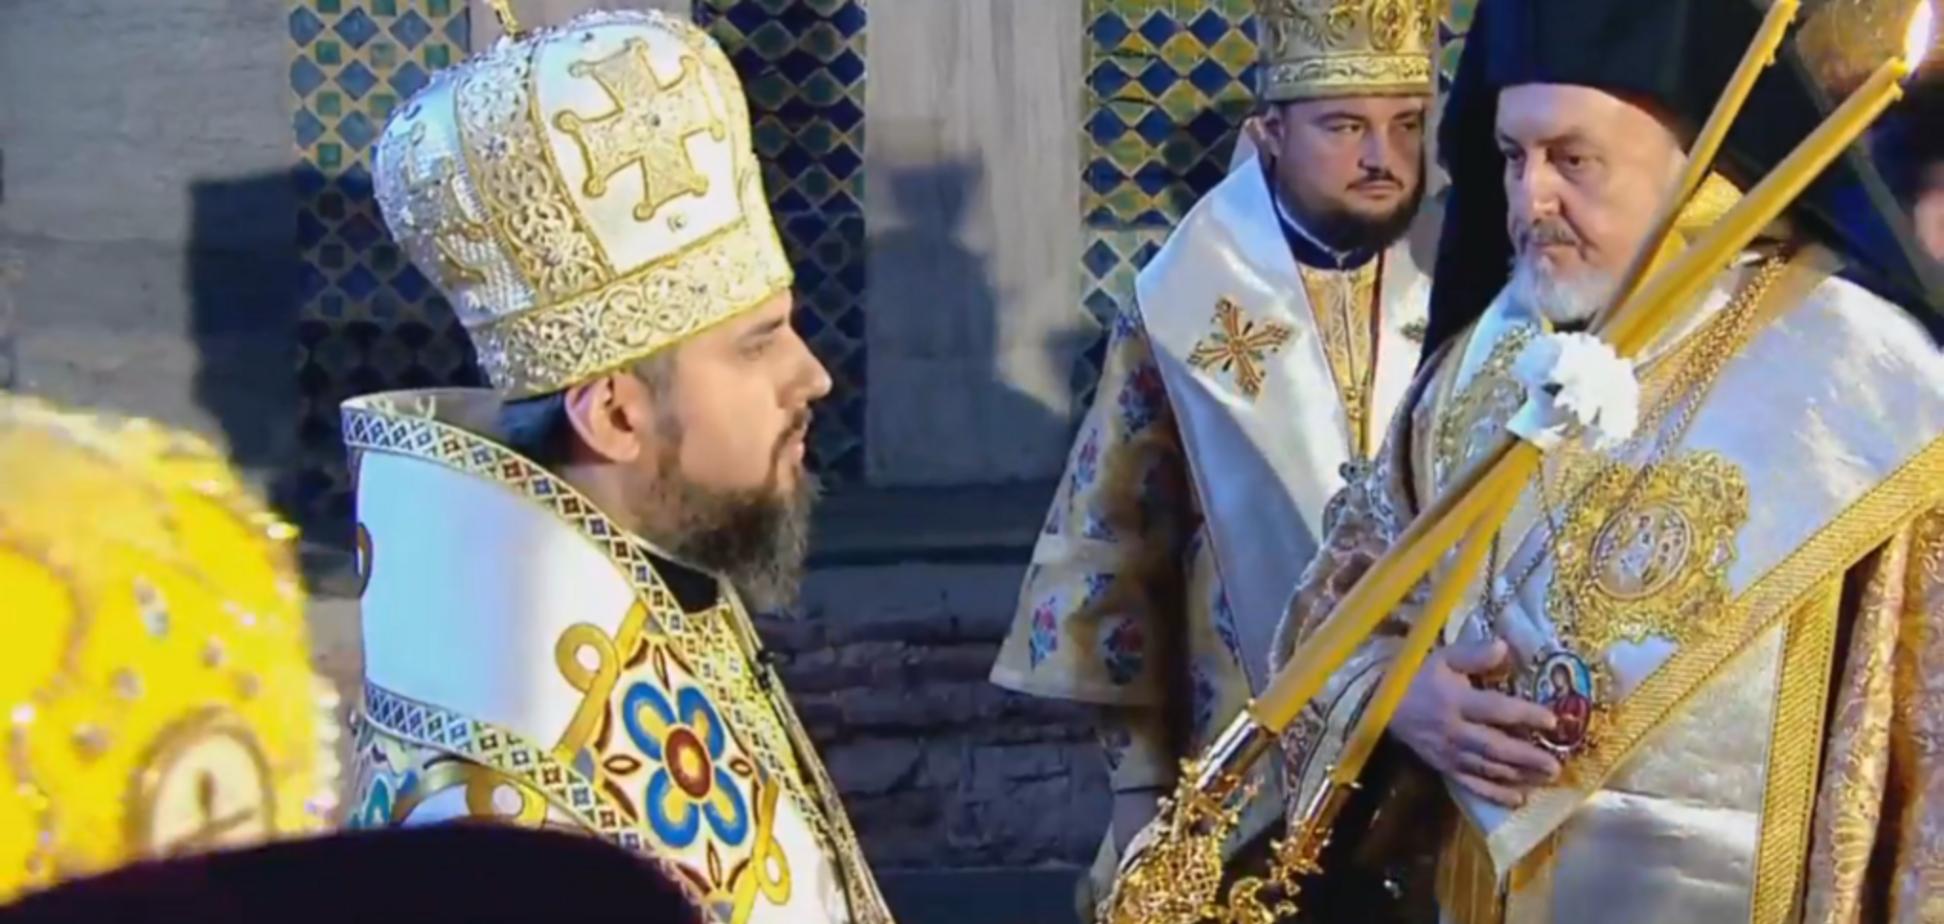 ''С нами правда!'' Украинцы ликуют из-за интронизации главы ПЦУ Епифания